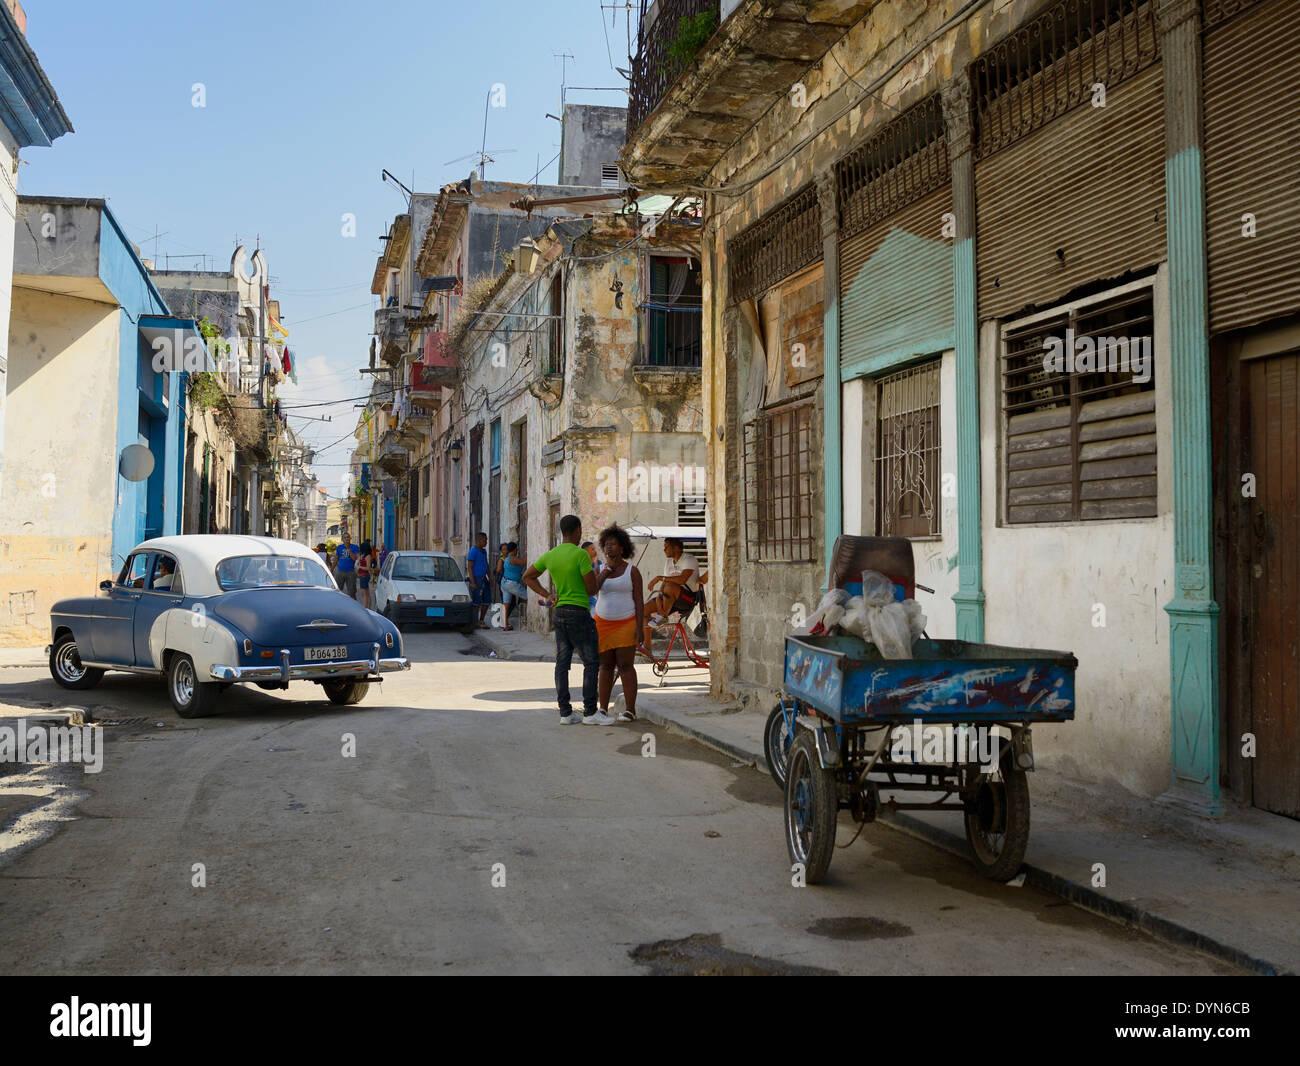 Straße in der Altstadt von Havanna Kuba mit lokalen Kubaner sprechen und Taxis auf der Suche nach einem Tarif Stockbild